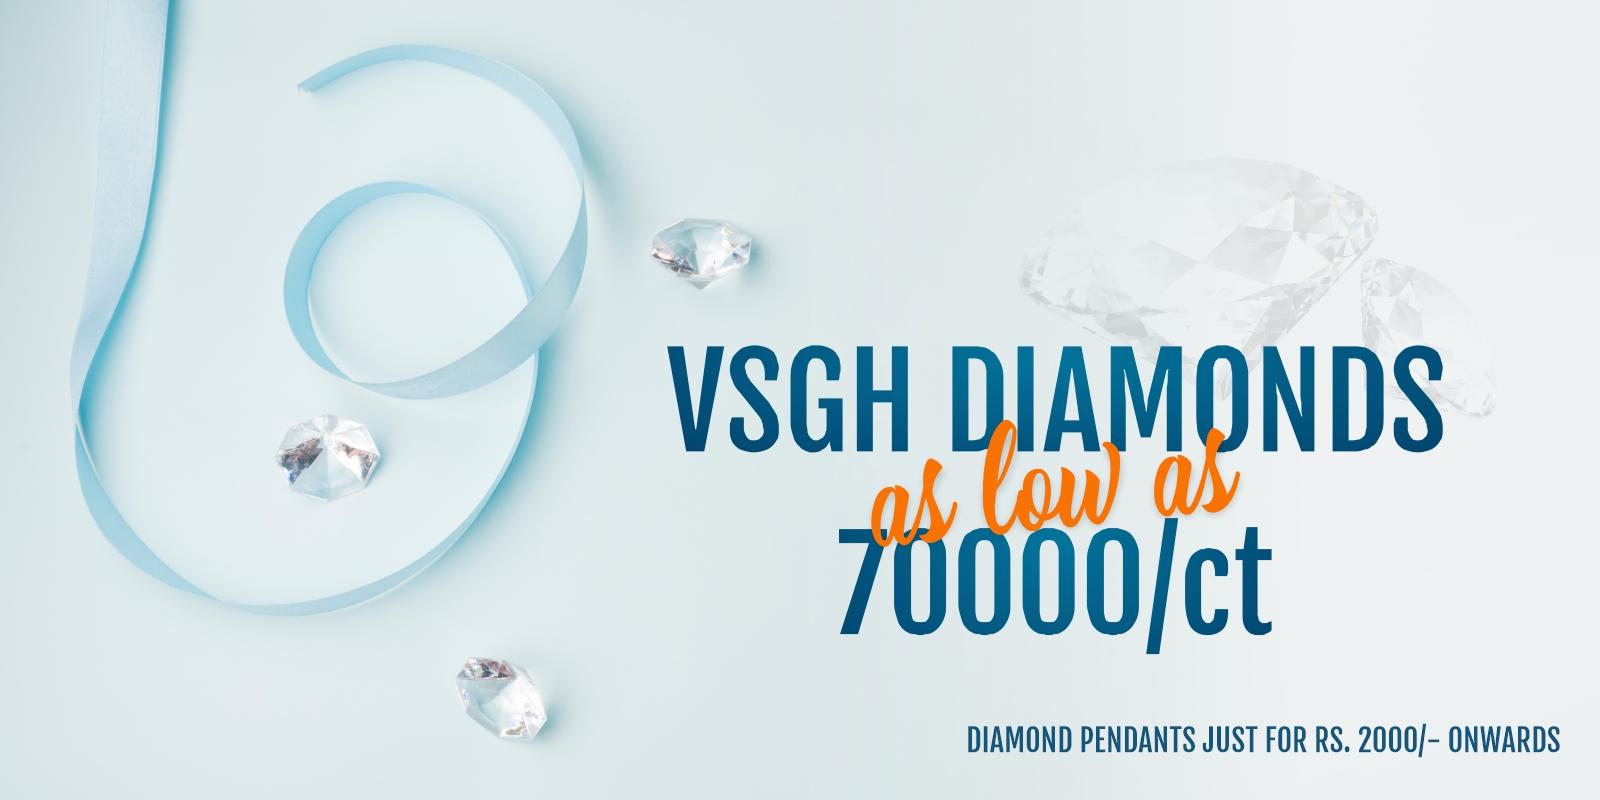 VS GH Diamonds as low as 70000/Ct